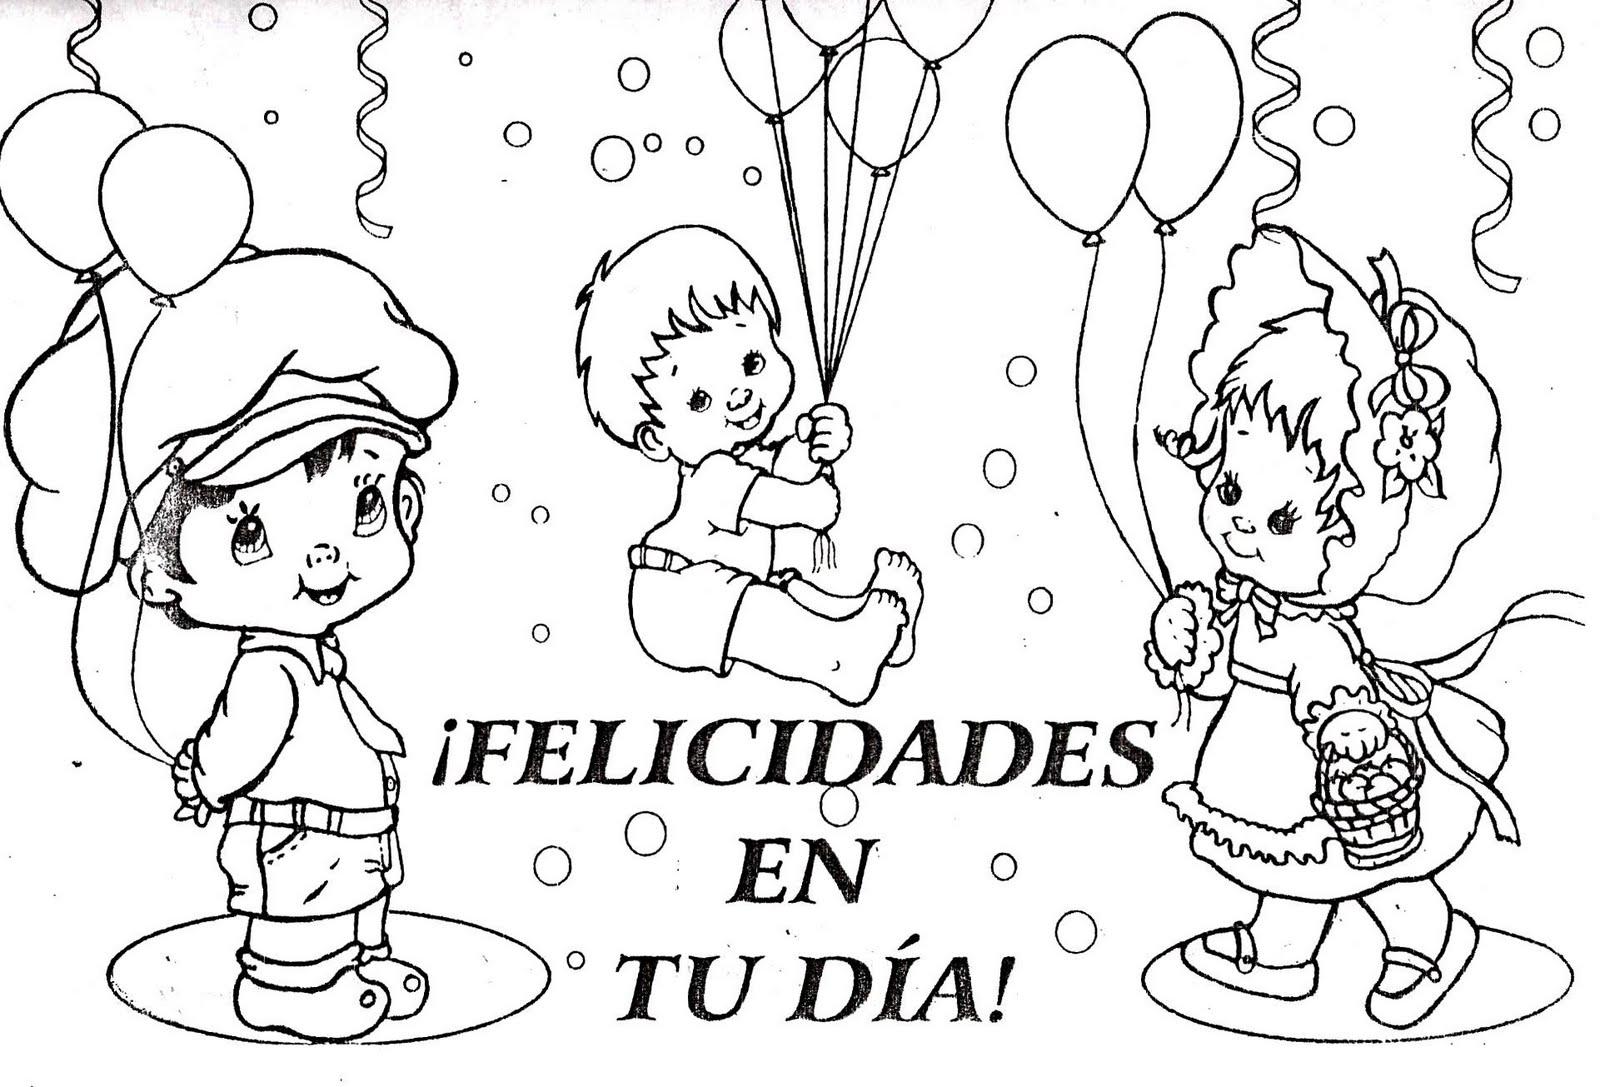 Niños en la escuela imagenes - Dibujos para colorear - IMAGIXS